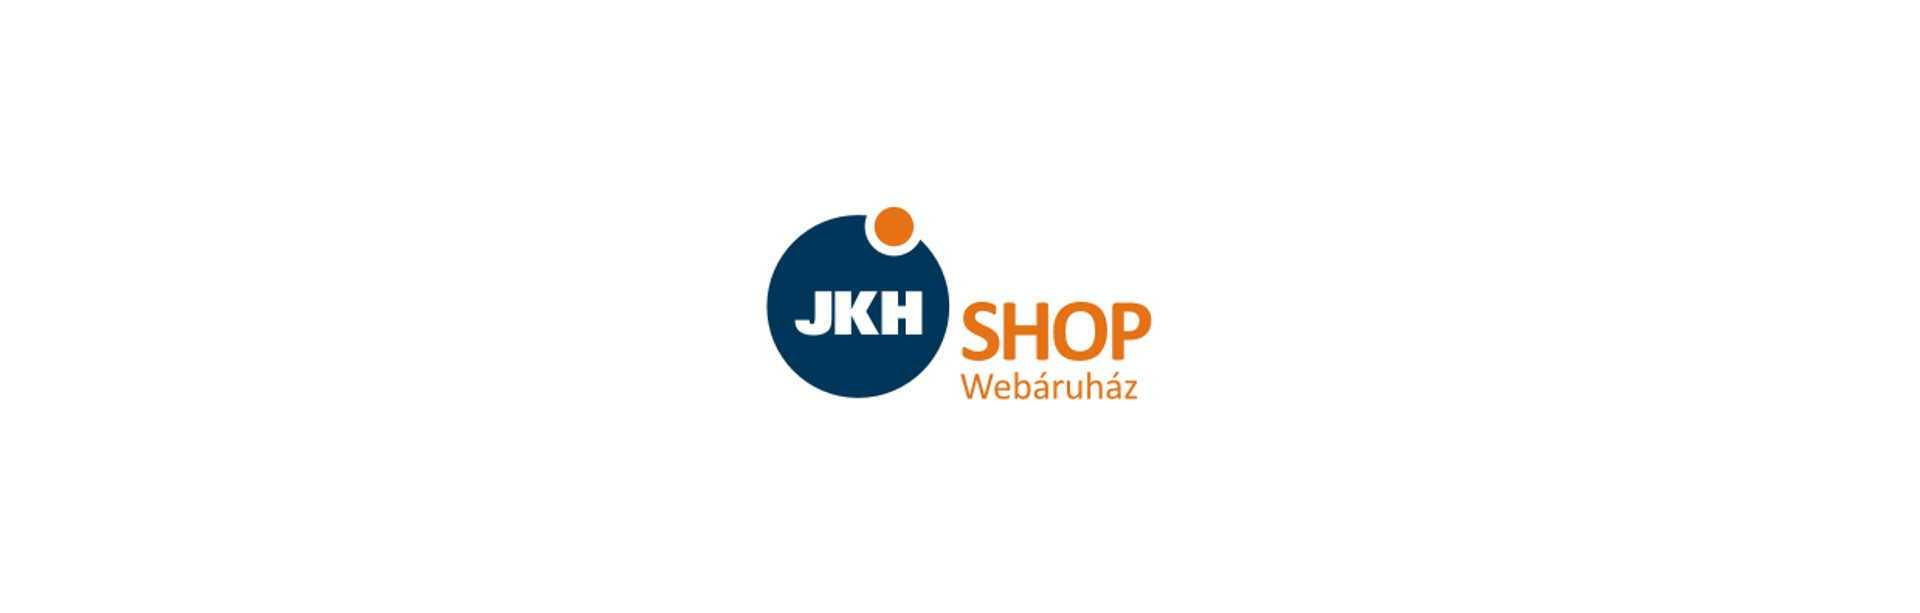 JKH SHOP